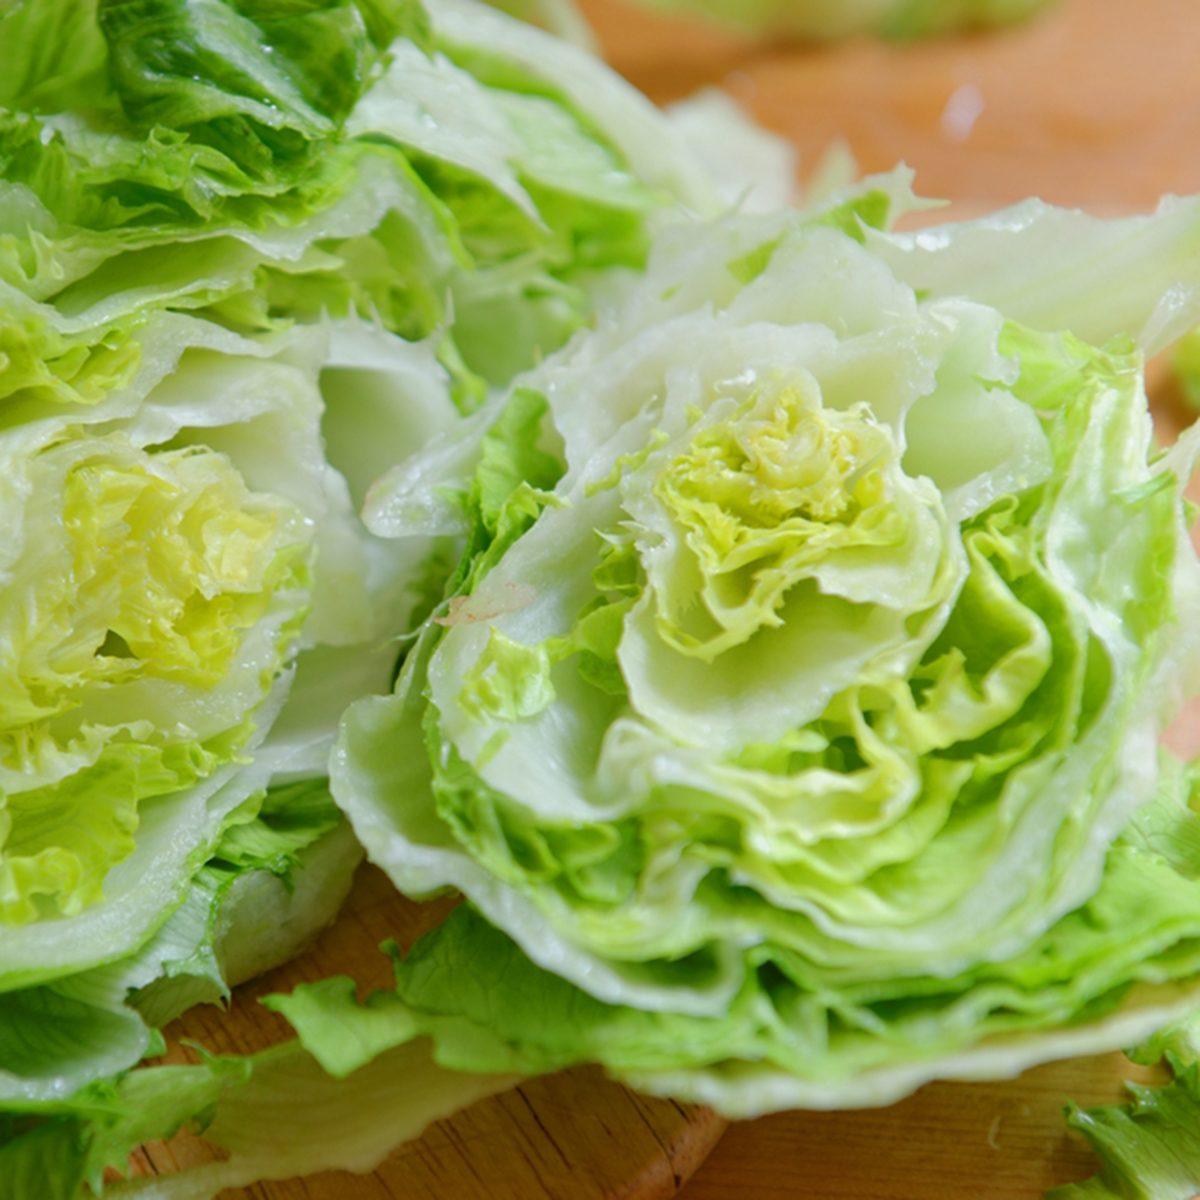 Fresh Green Iceberg lettuce prepared on table